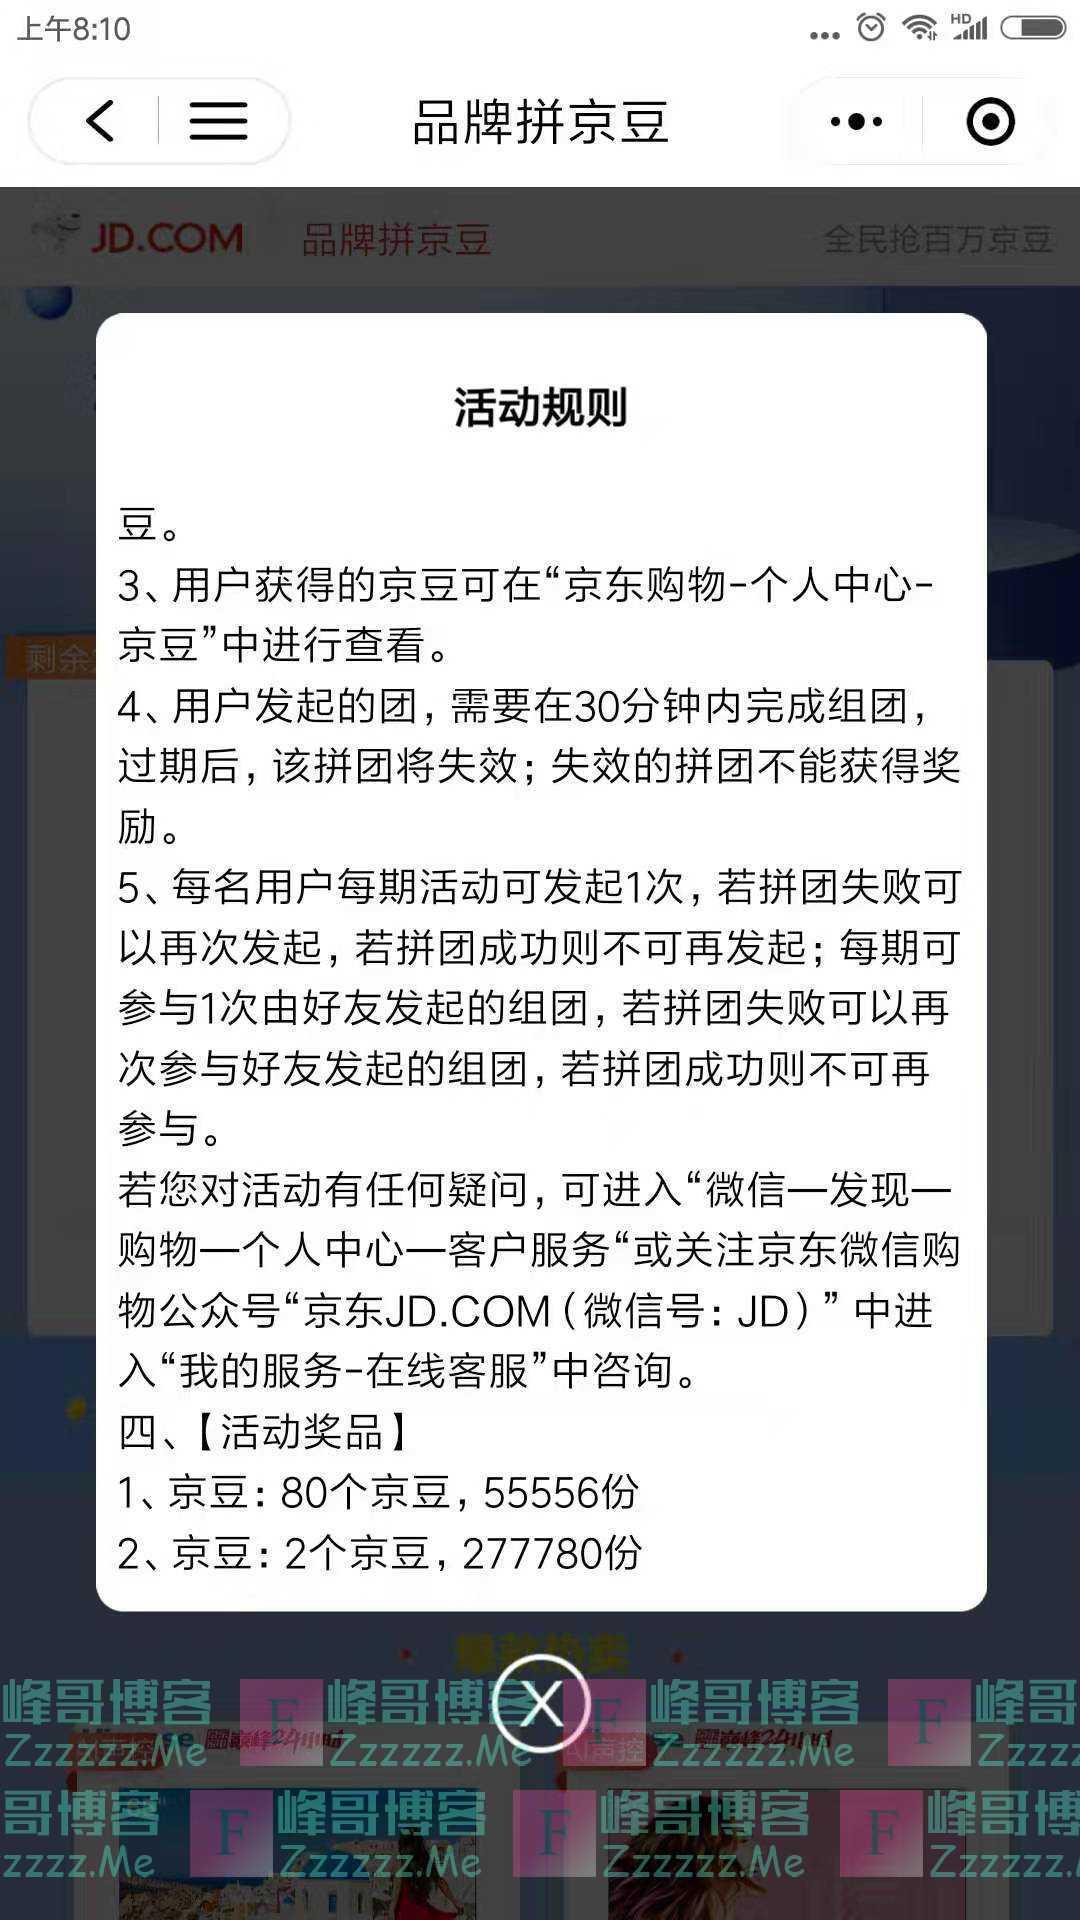 京东新一期抢百万京豆(截止11月28日)